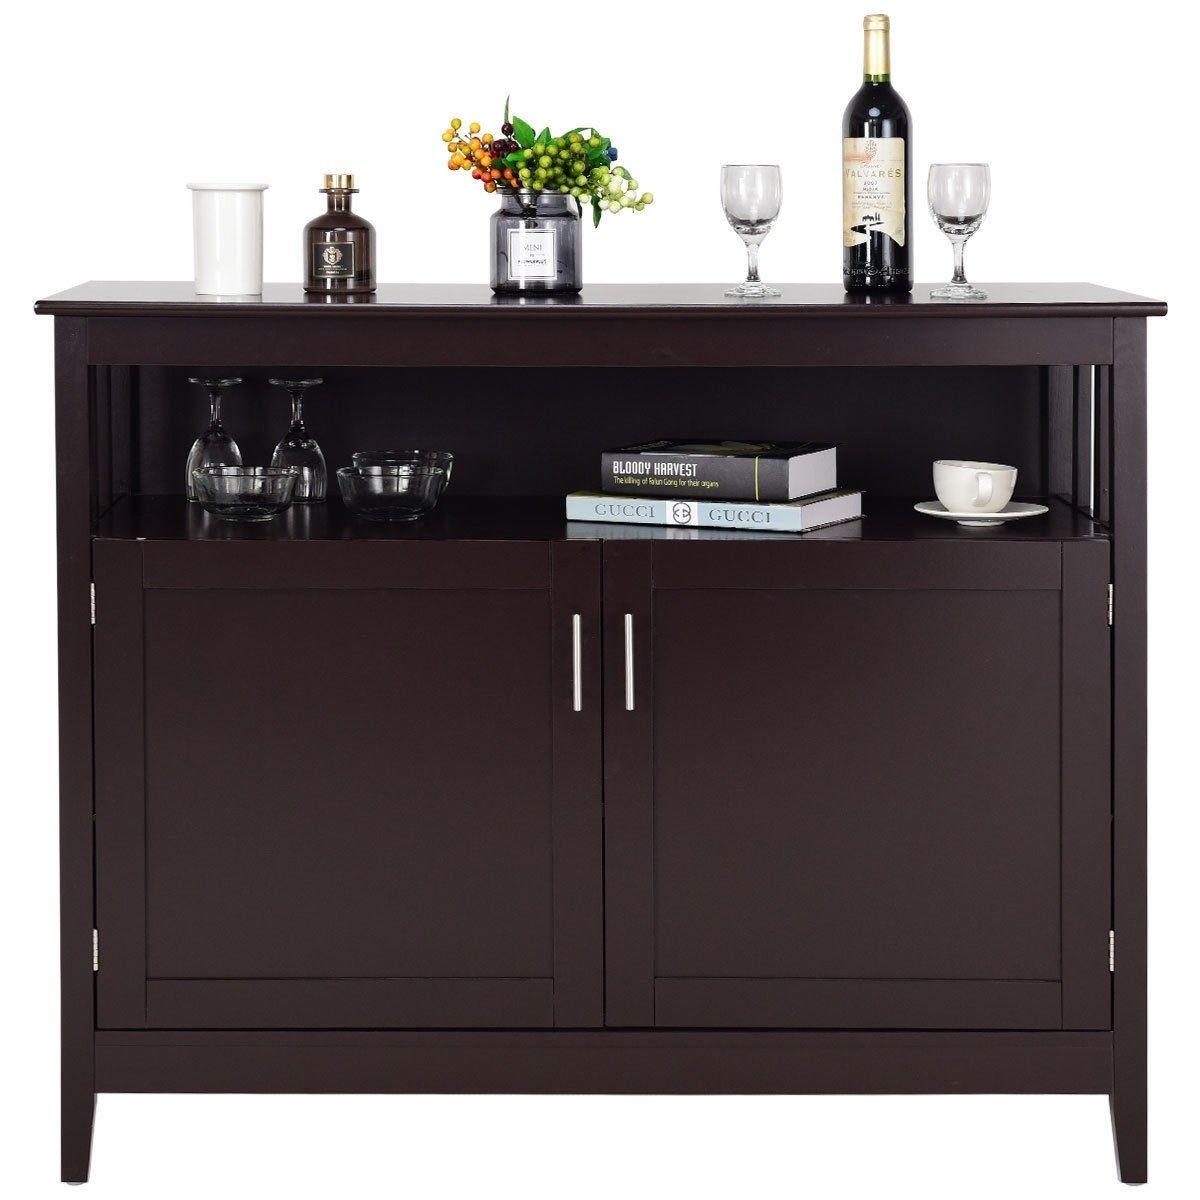 Modern Wooden Kitchen Storage Cabinet Kitchen Cabinet Storage Dining Room Sideboard Wooden Kitchen